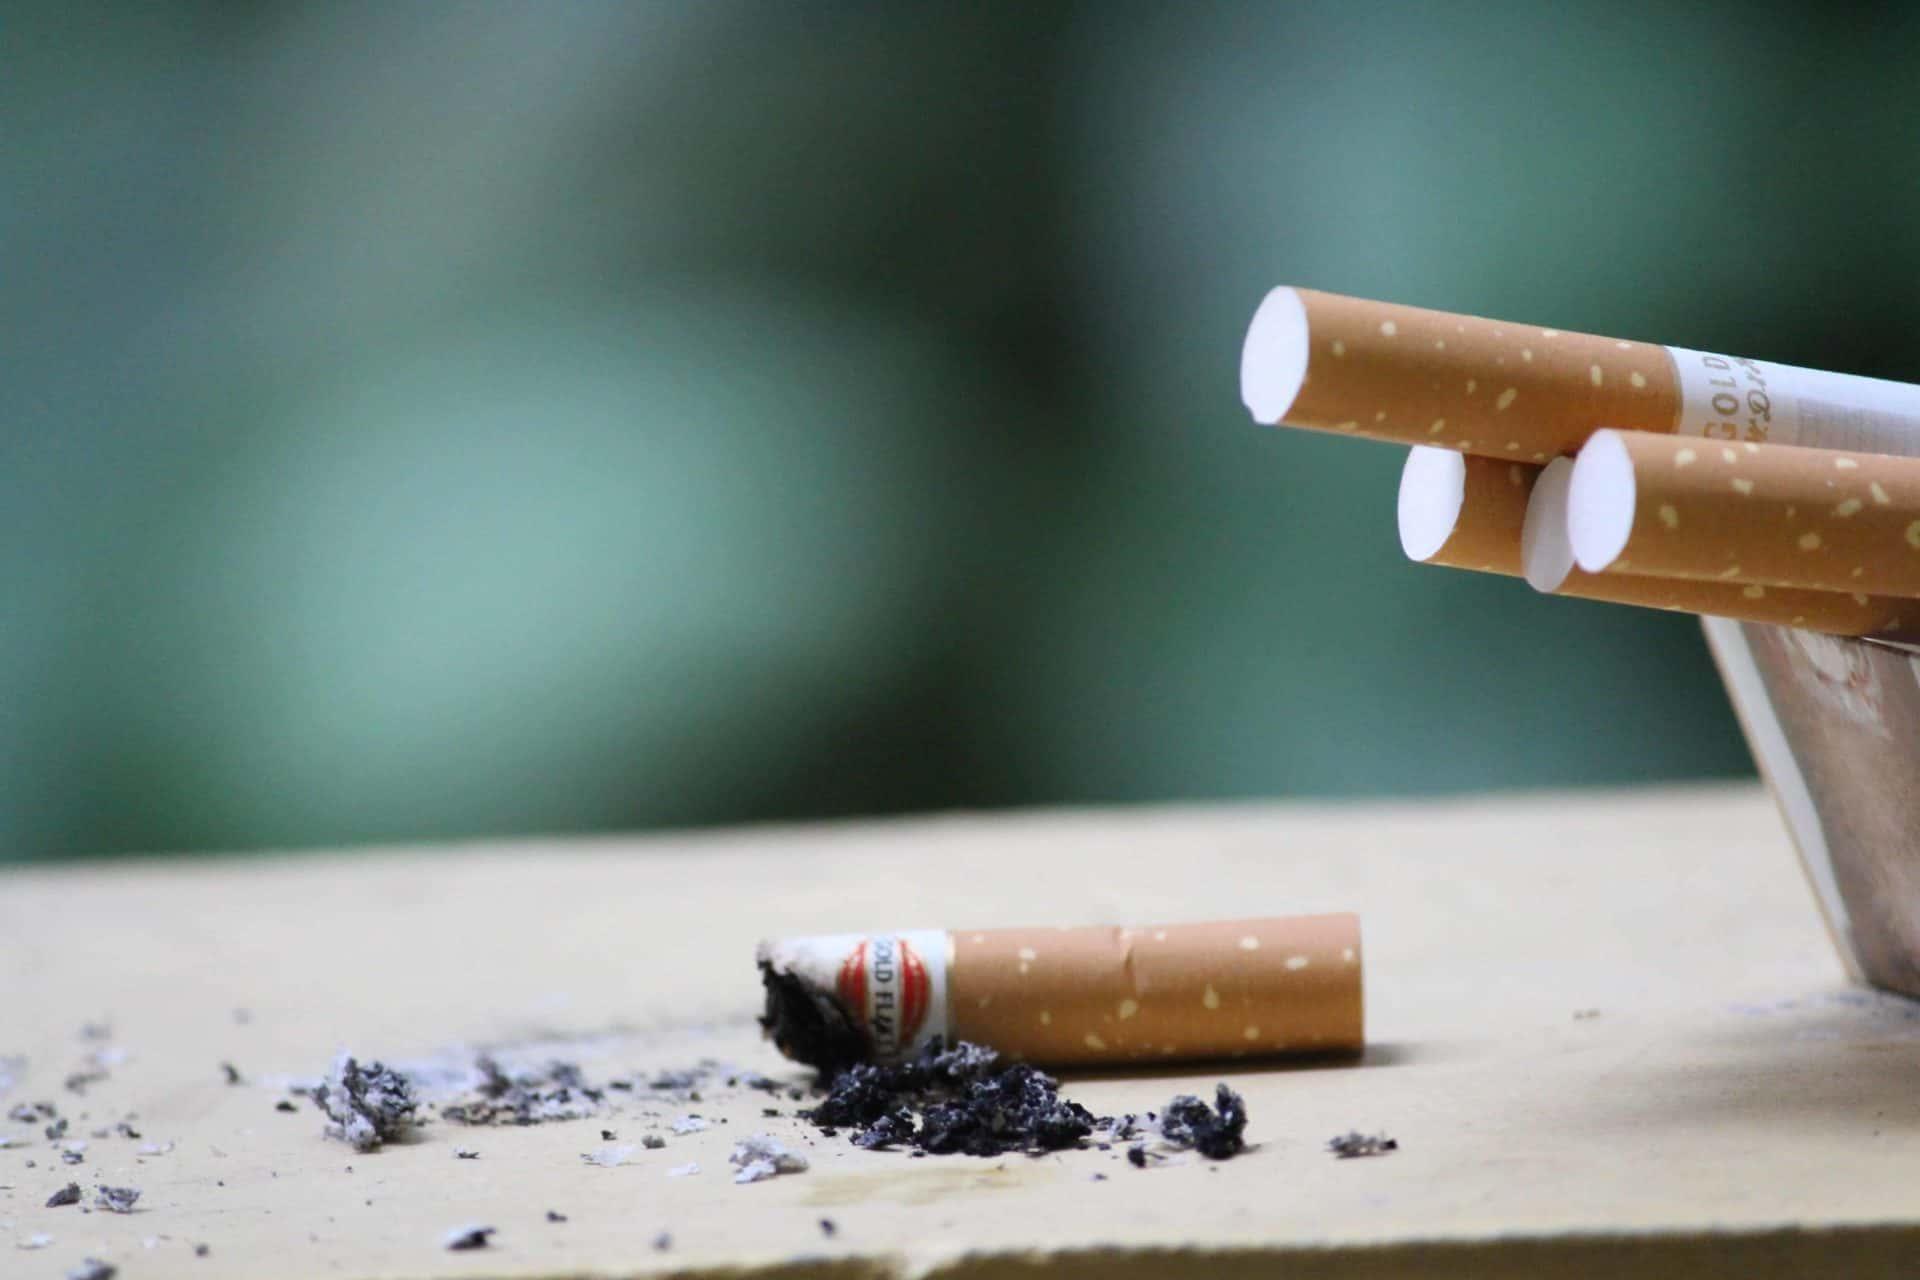 Mit tartalmaz egy cigaretta? - A dohányzás káros hatásai